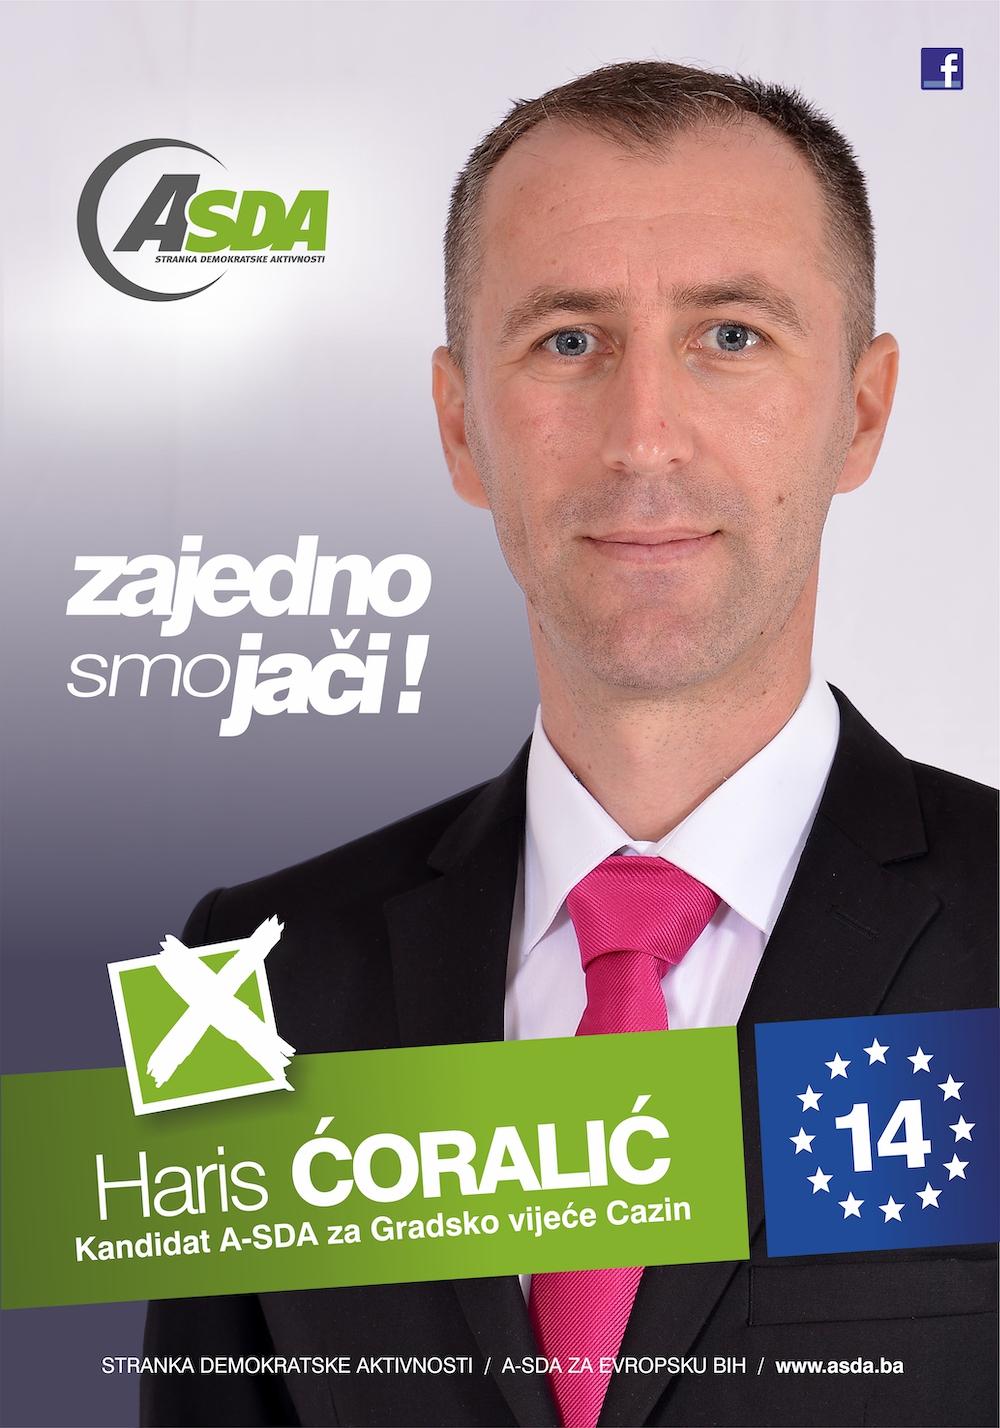 Haris Ćoralić